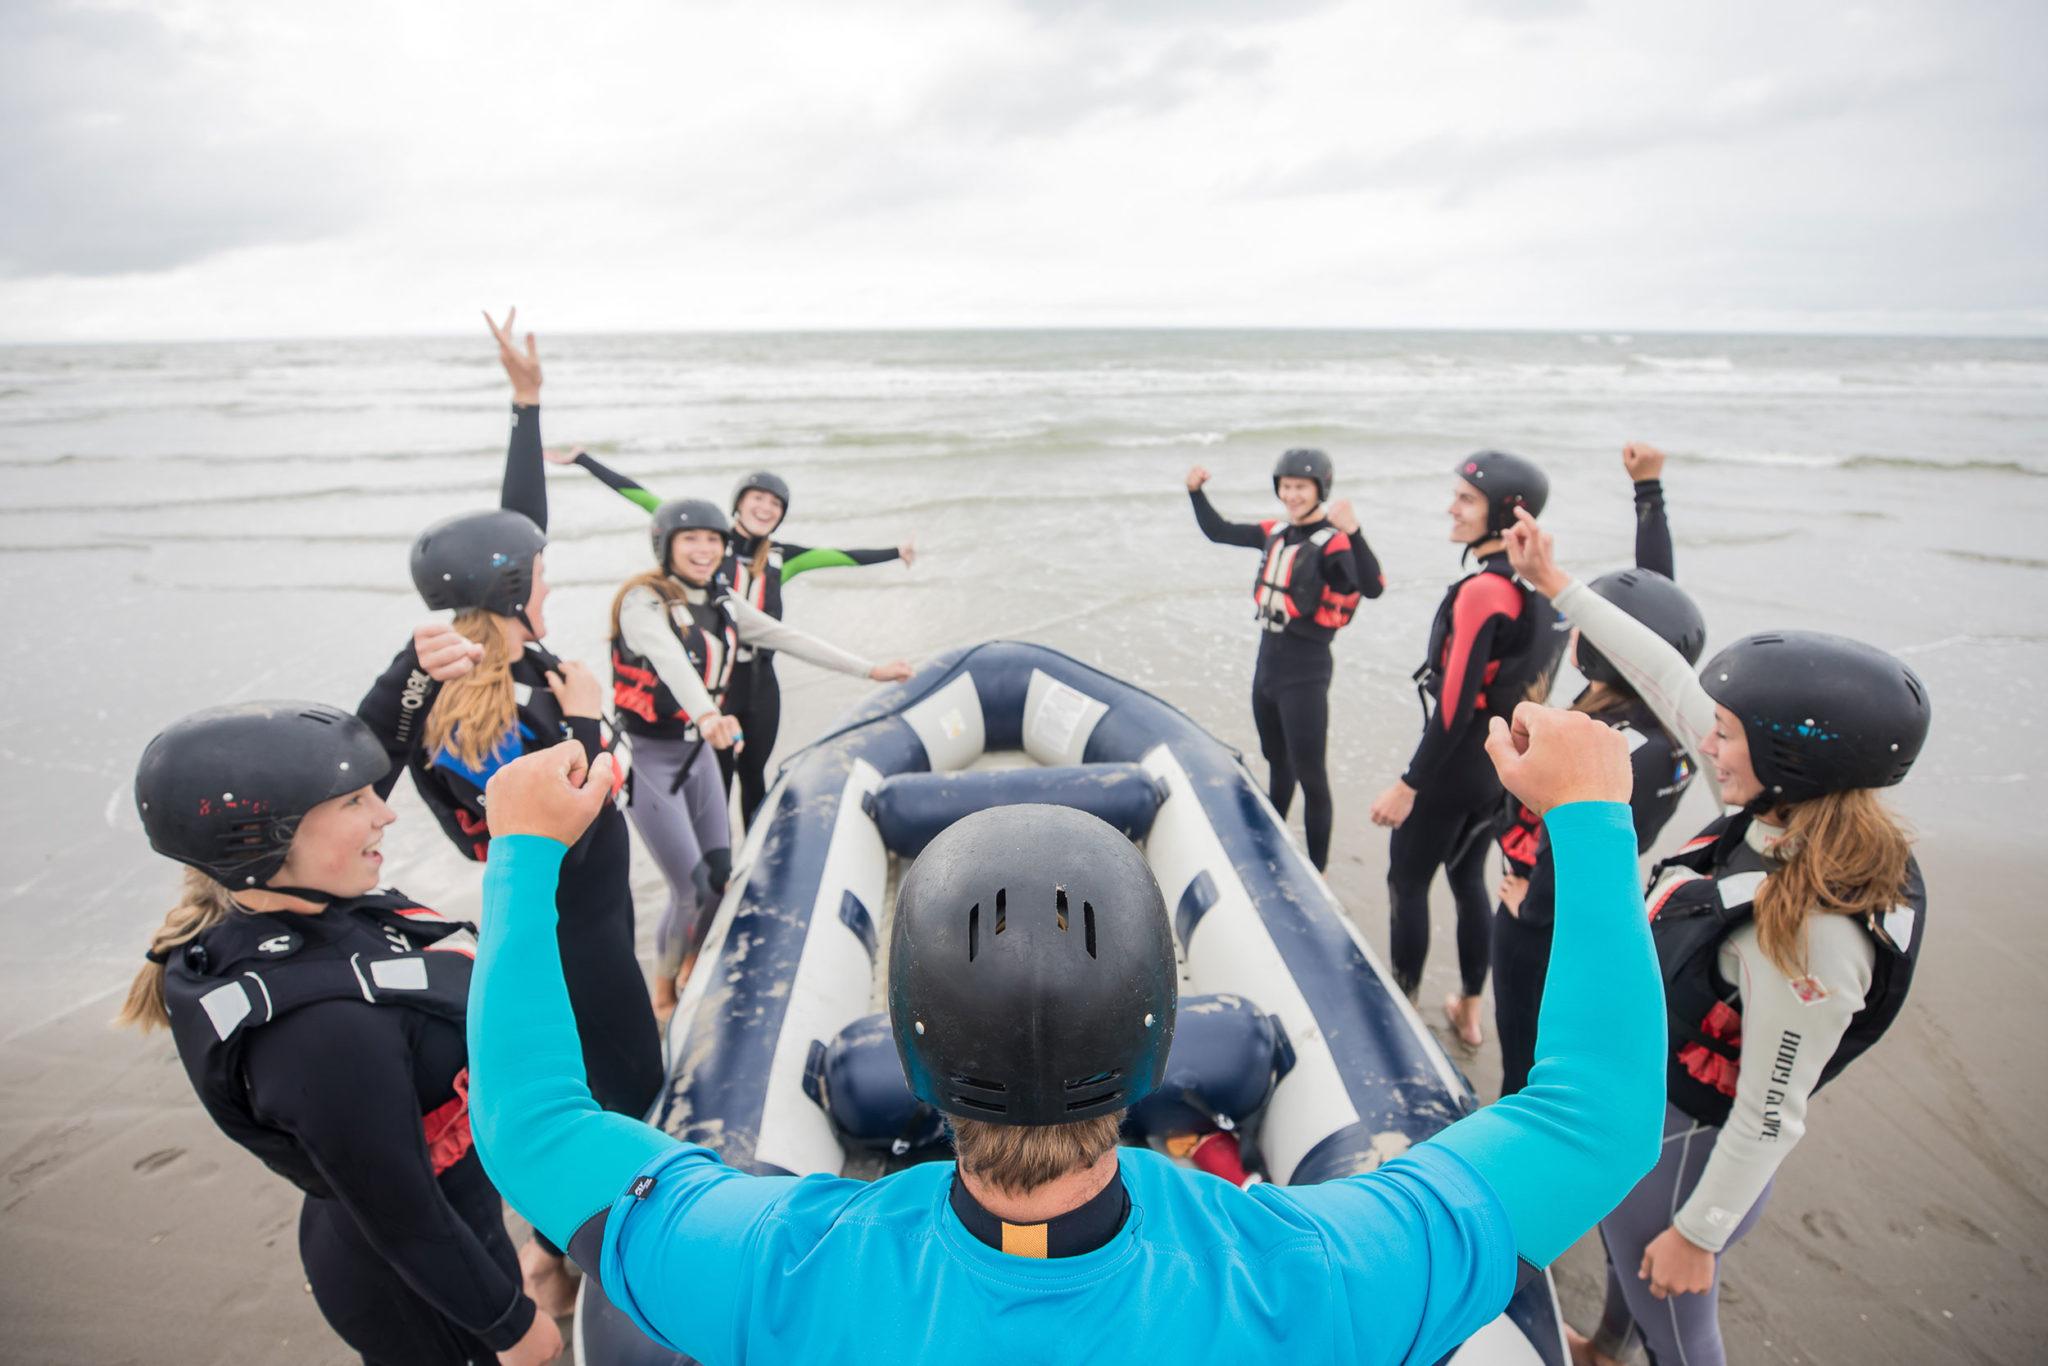 Blowkarten, blokarten ofwel strandzeilen is een spectaculaire strandactiviteit voor uw bedrijfsuitje, teamuitje, vrijgezellenfeestje of dagje uit